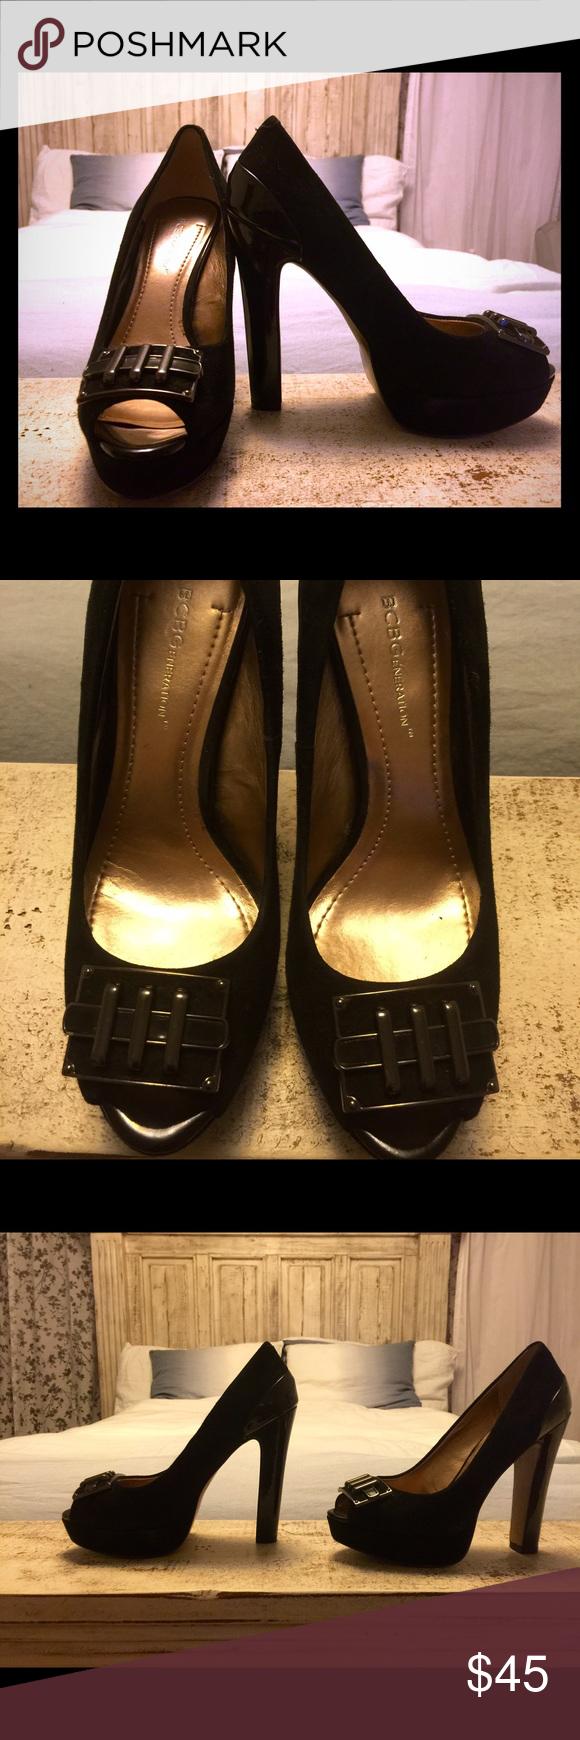 Bcbg Black Platform Heels Only Worn Once I See No Damage